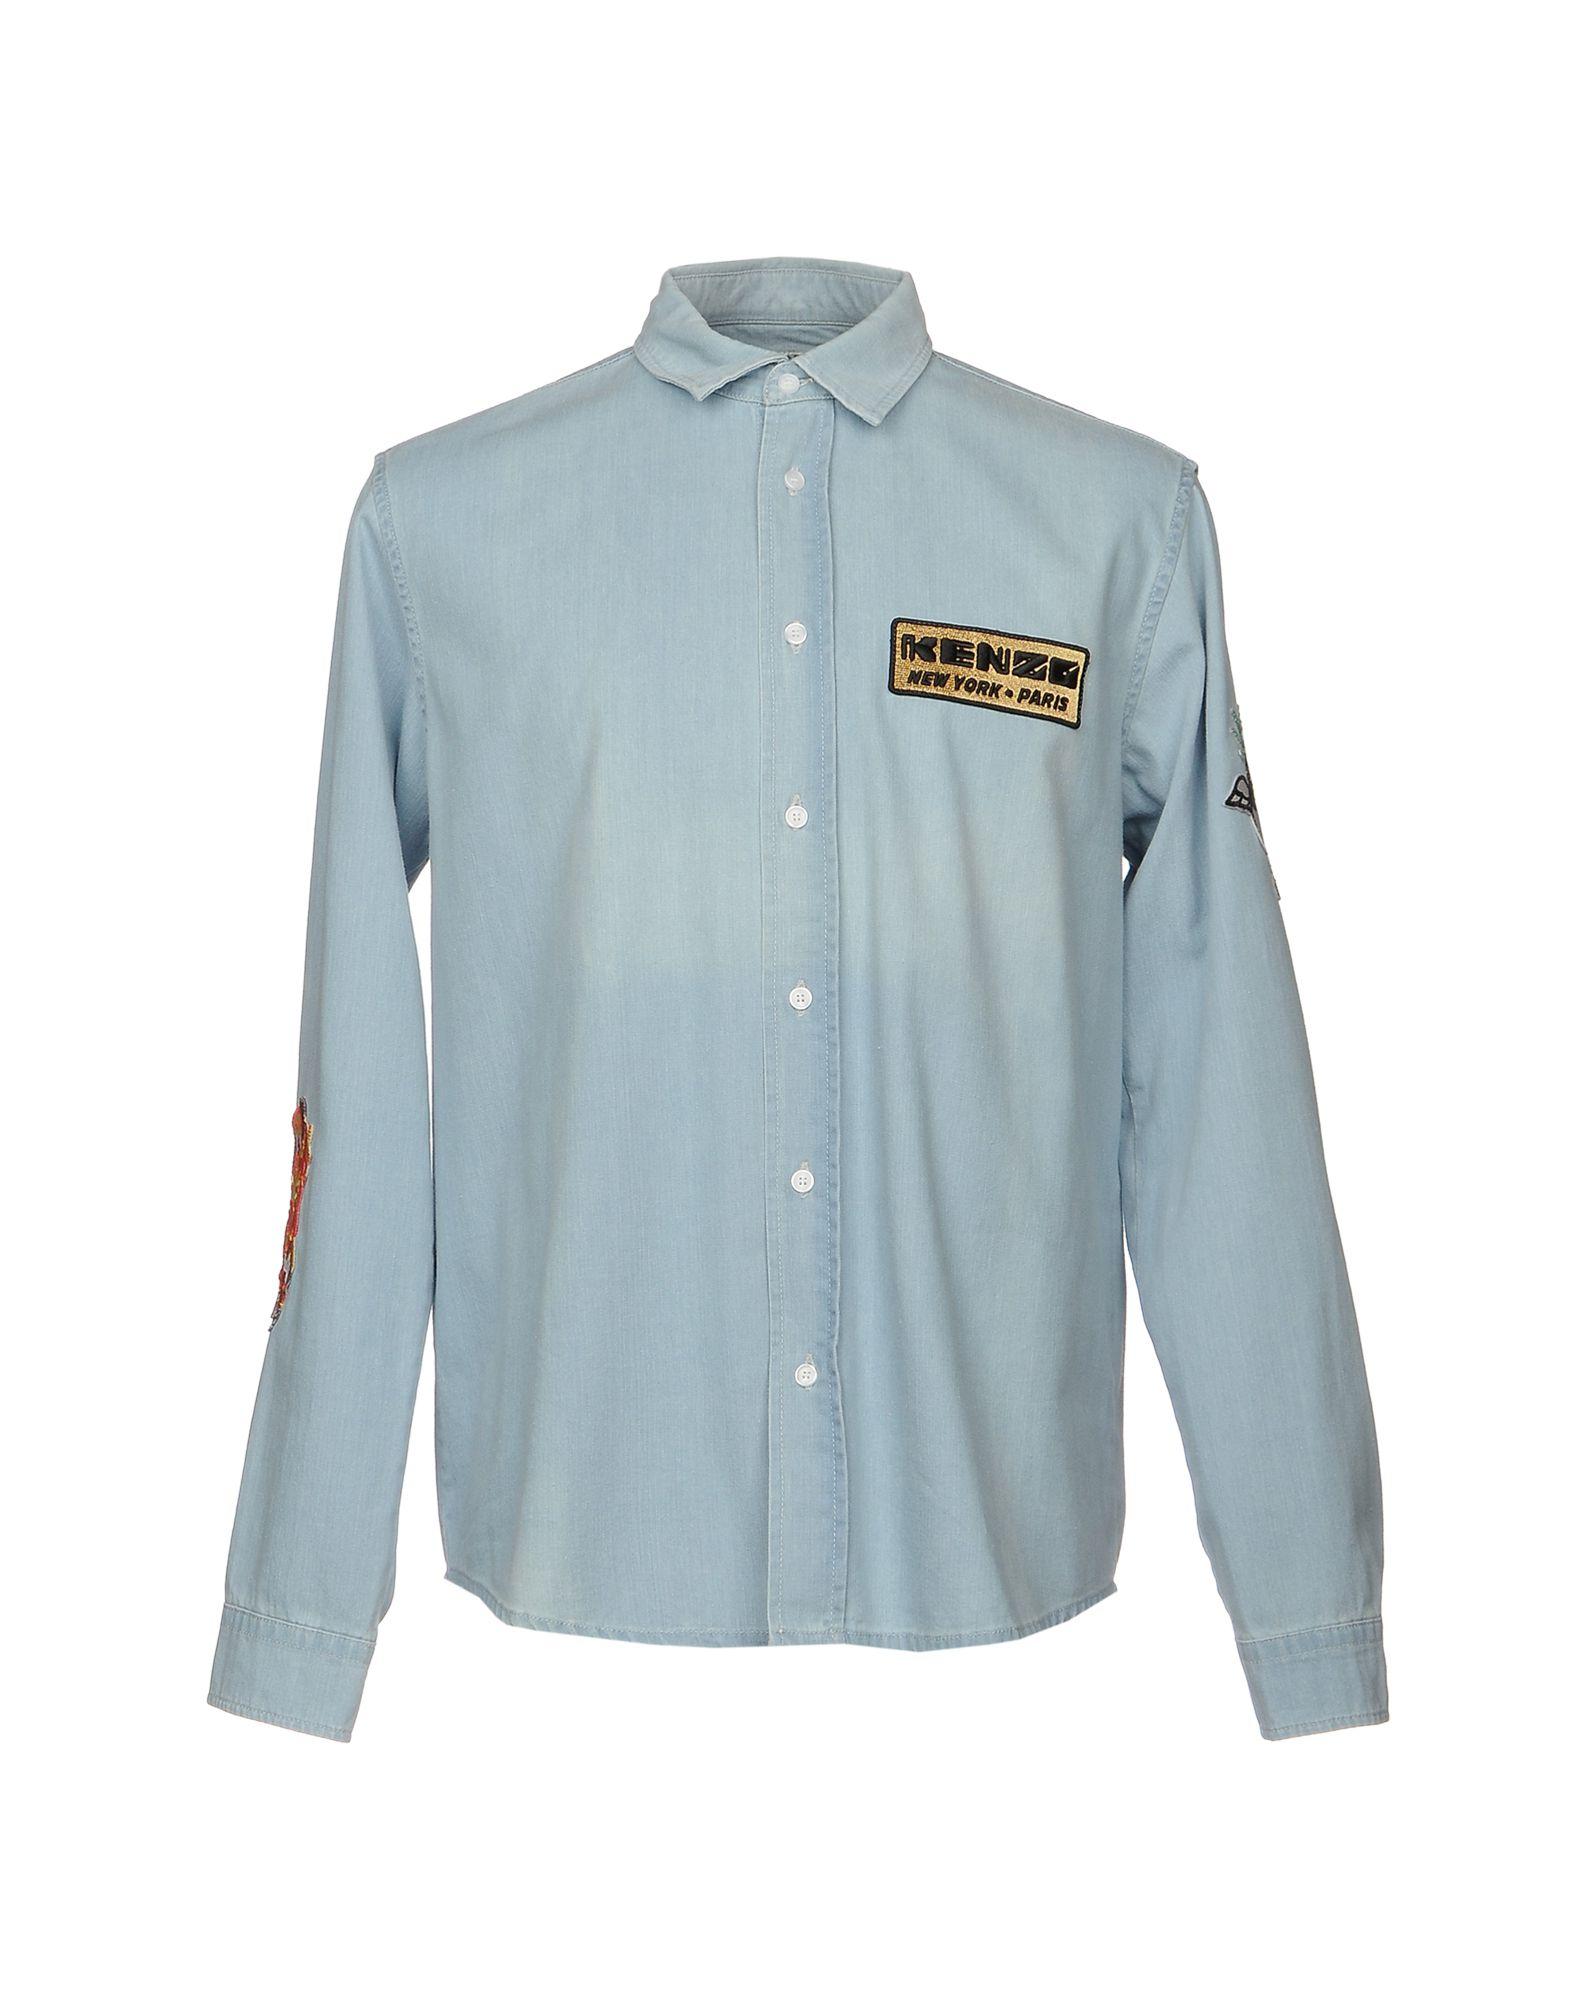 KENZO Джинсовая рубашка рубашка джинсовая 3 12 лет